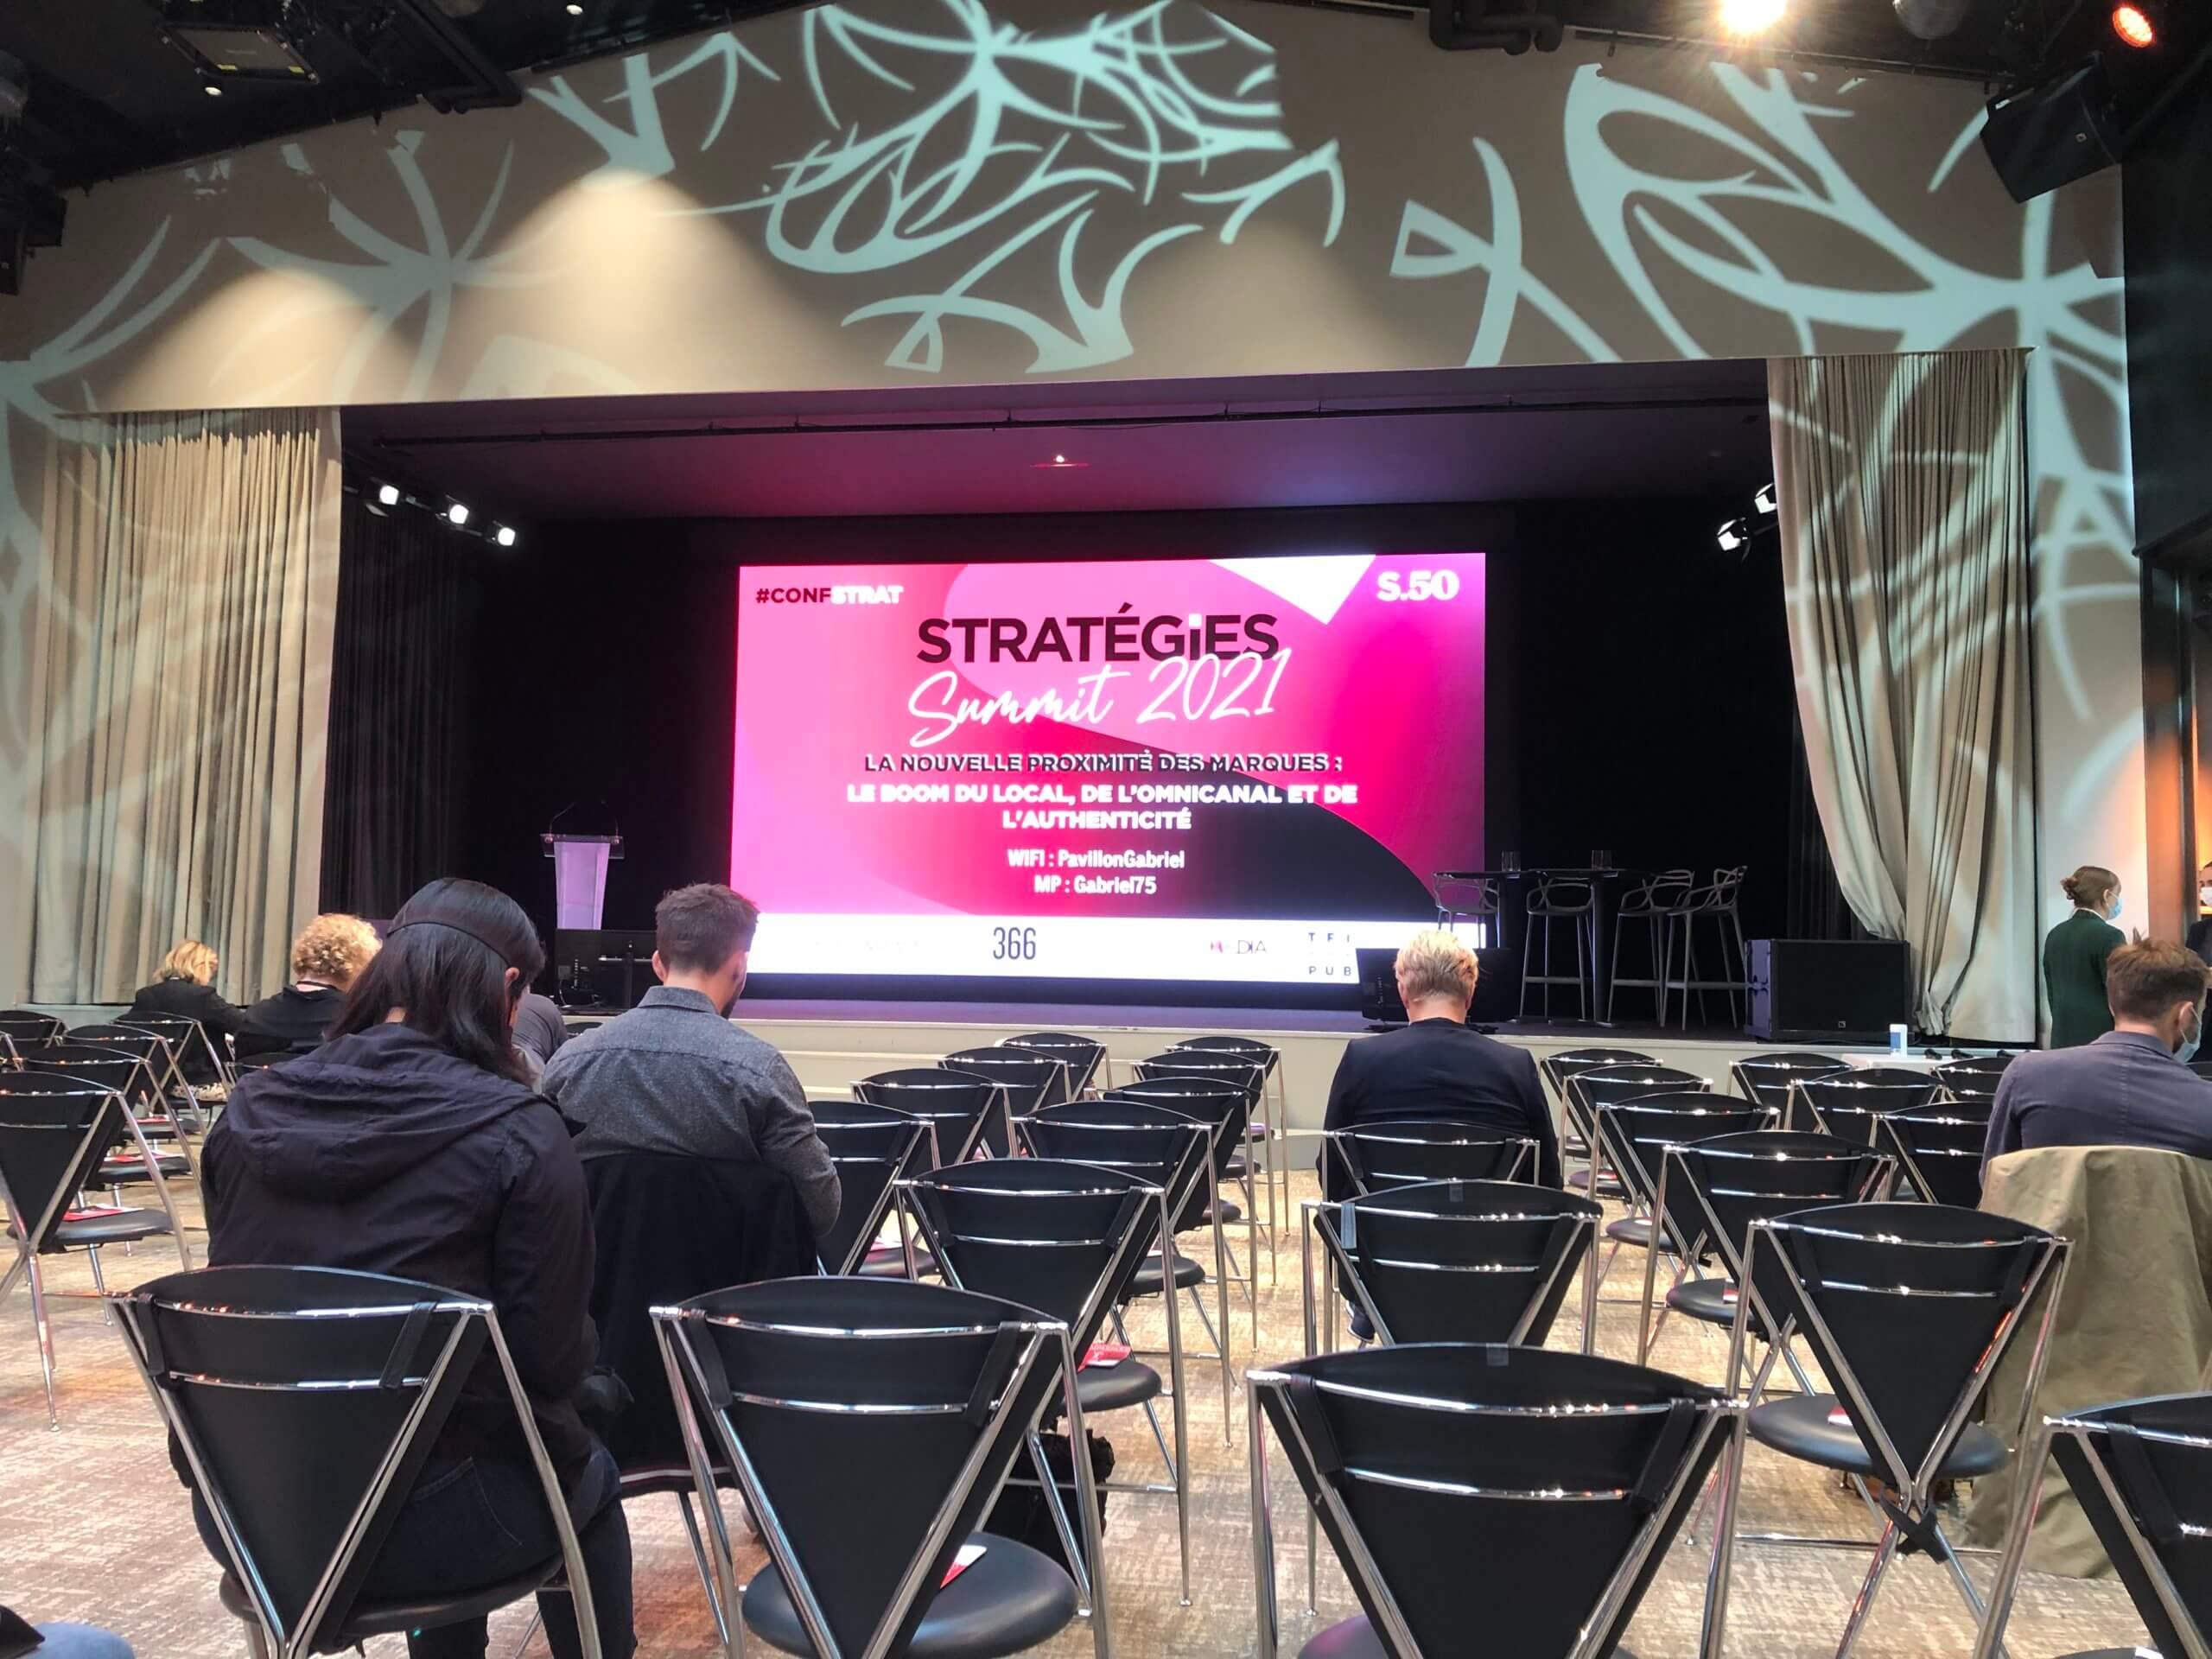 Stratégies Summit 2021